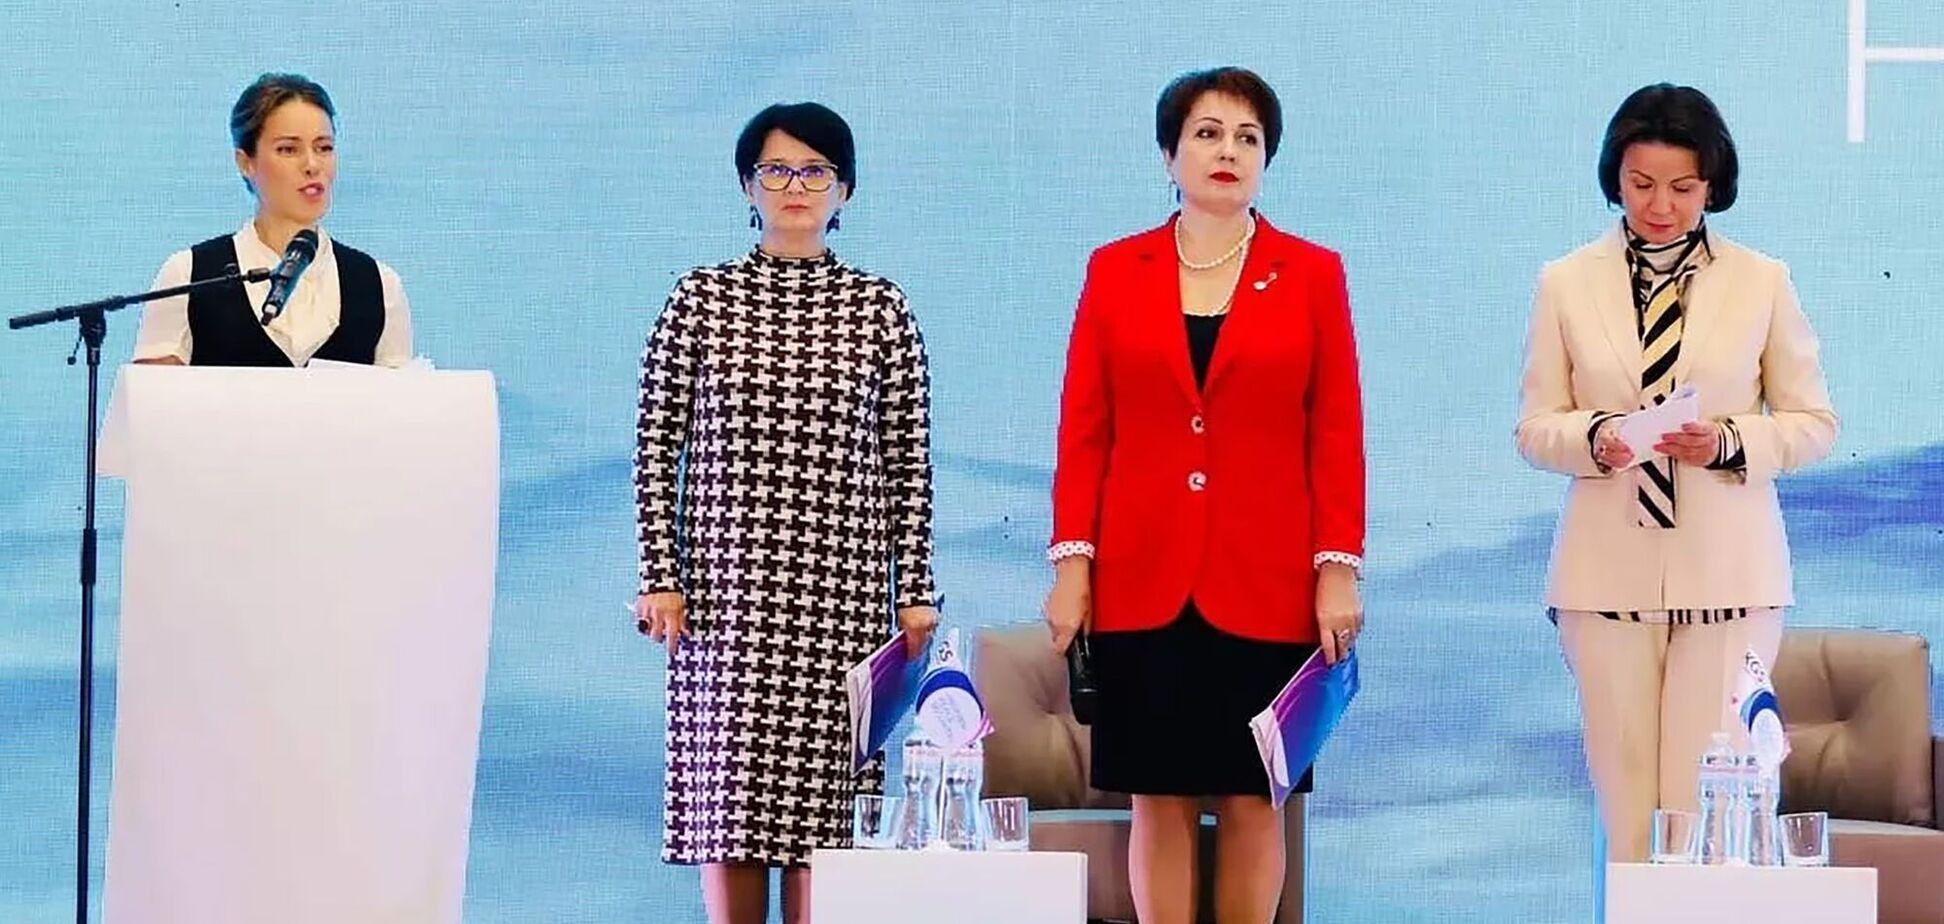 Kyiv Global Summit-2021: Українські та світові топспікери обговорили питання рівноправного лідерства та посилення впливу жінок